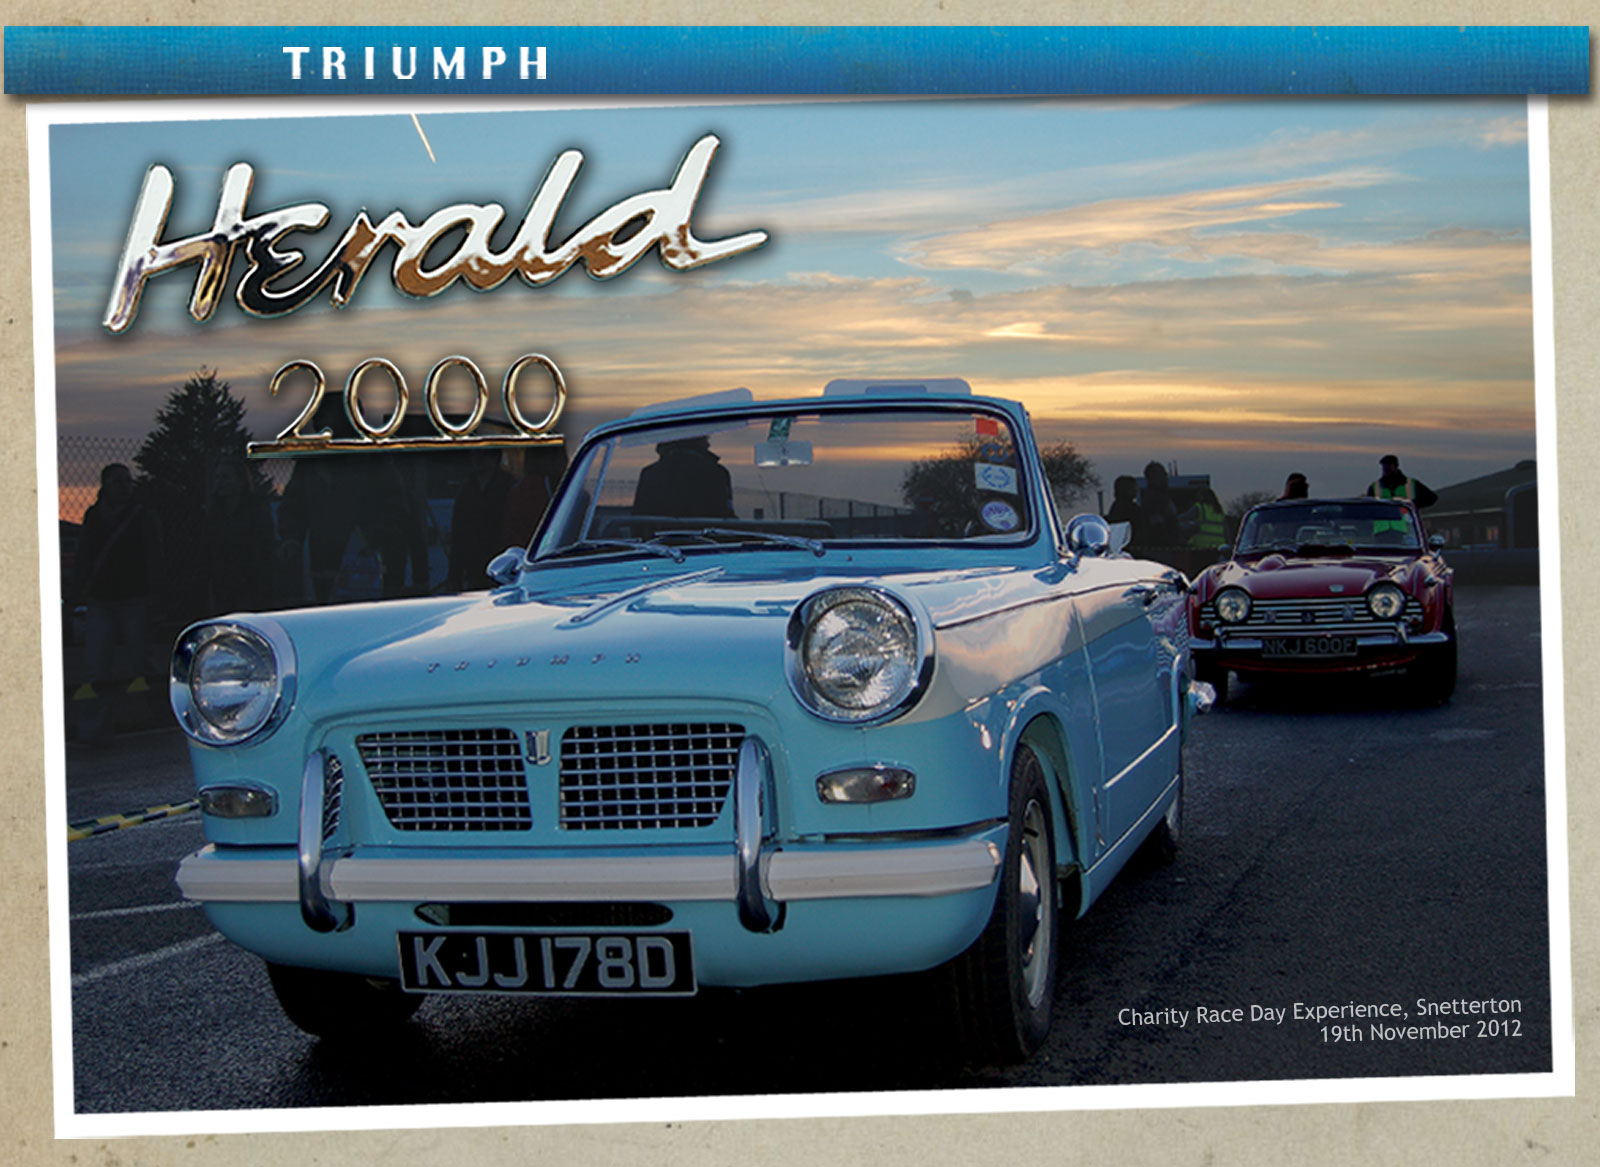 Triumph Herald 2000 and Viking Fibreline